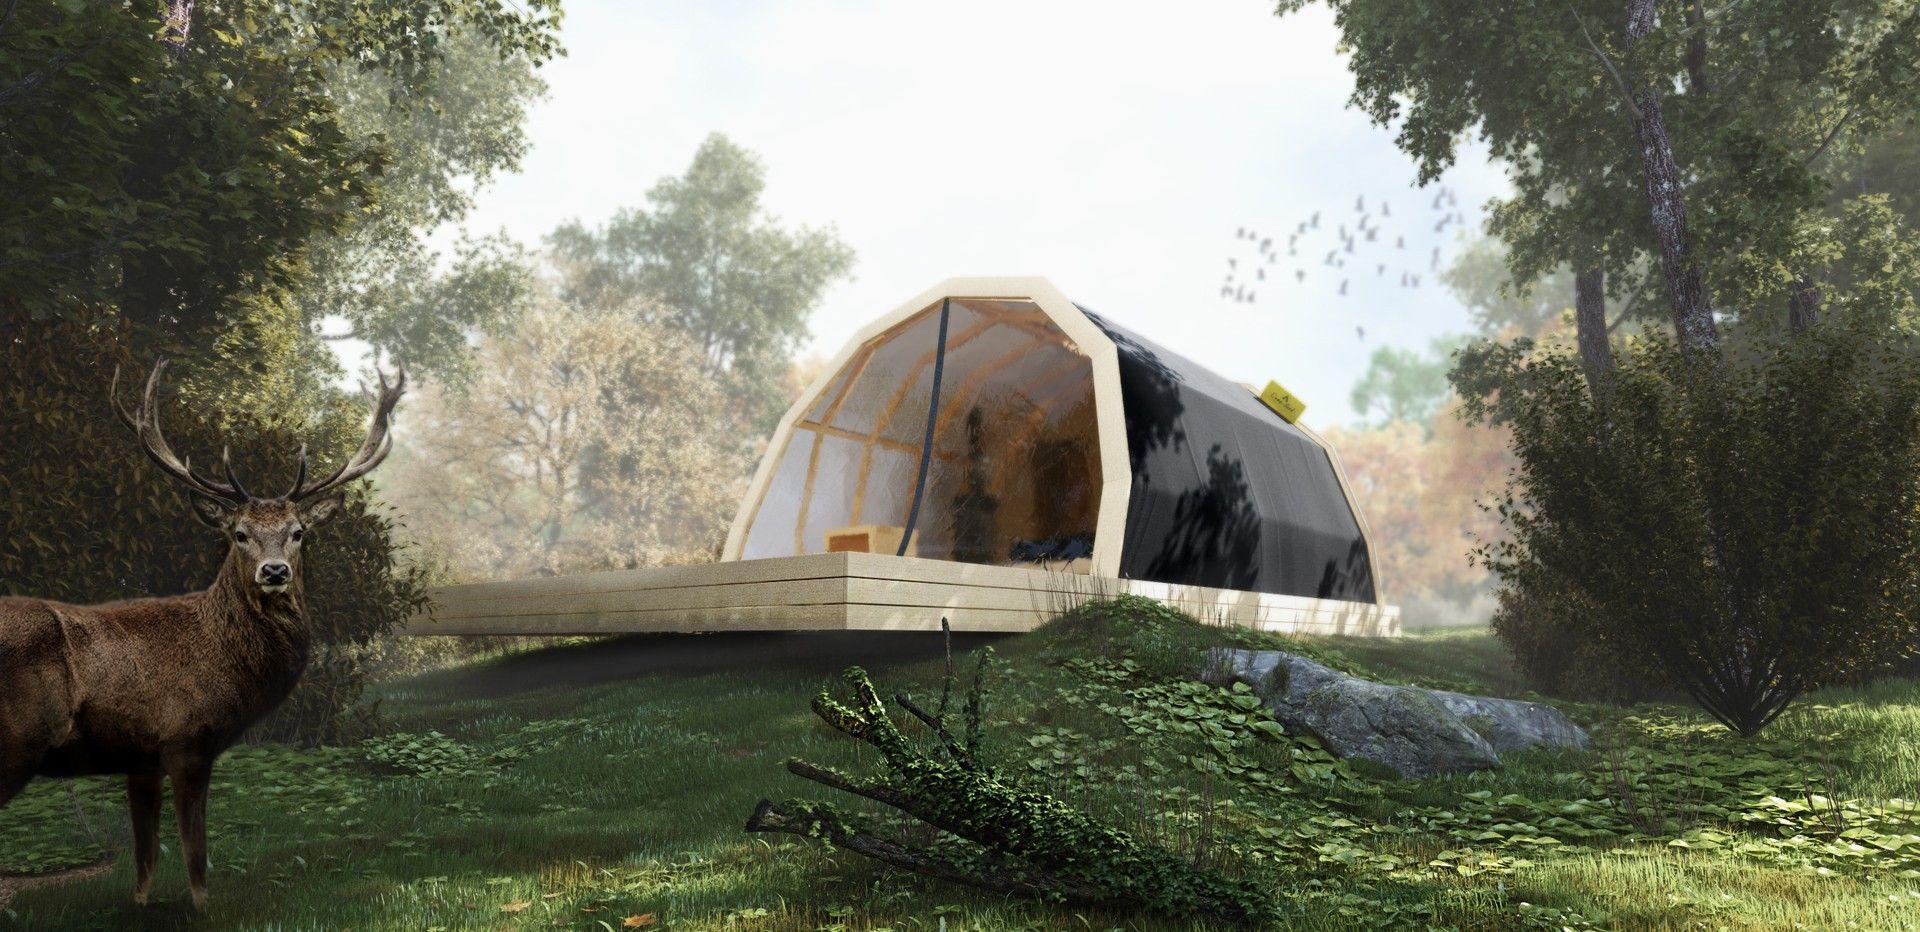 Glamping eli luksustelttailu yhdistää ulkoilun ja ylellisyyden. Glamping-teltat ovat kaikilla mukavuuksilla varusteltuja telttoja keskellä luontoa.